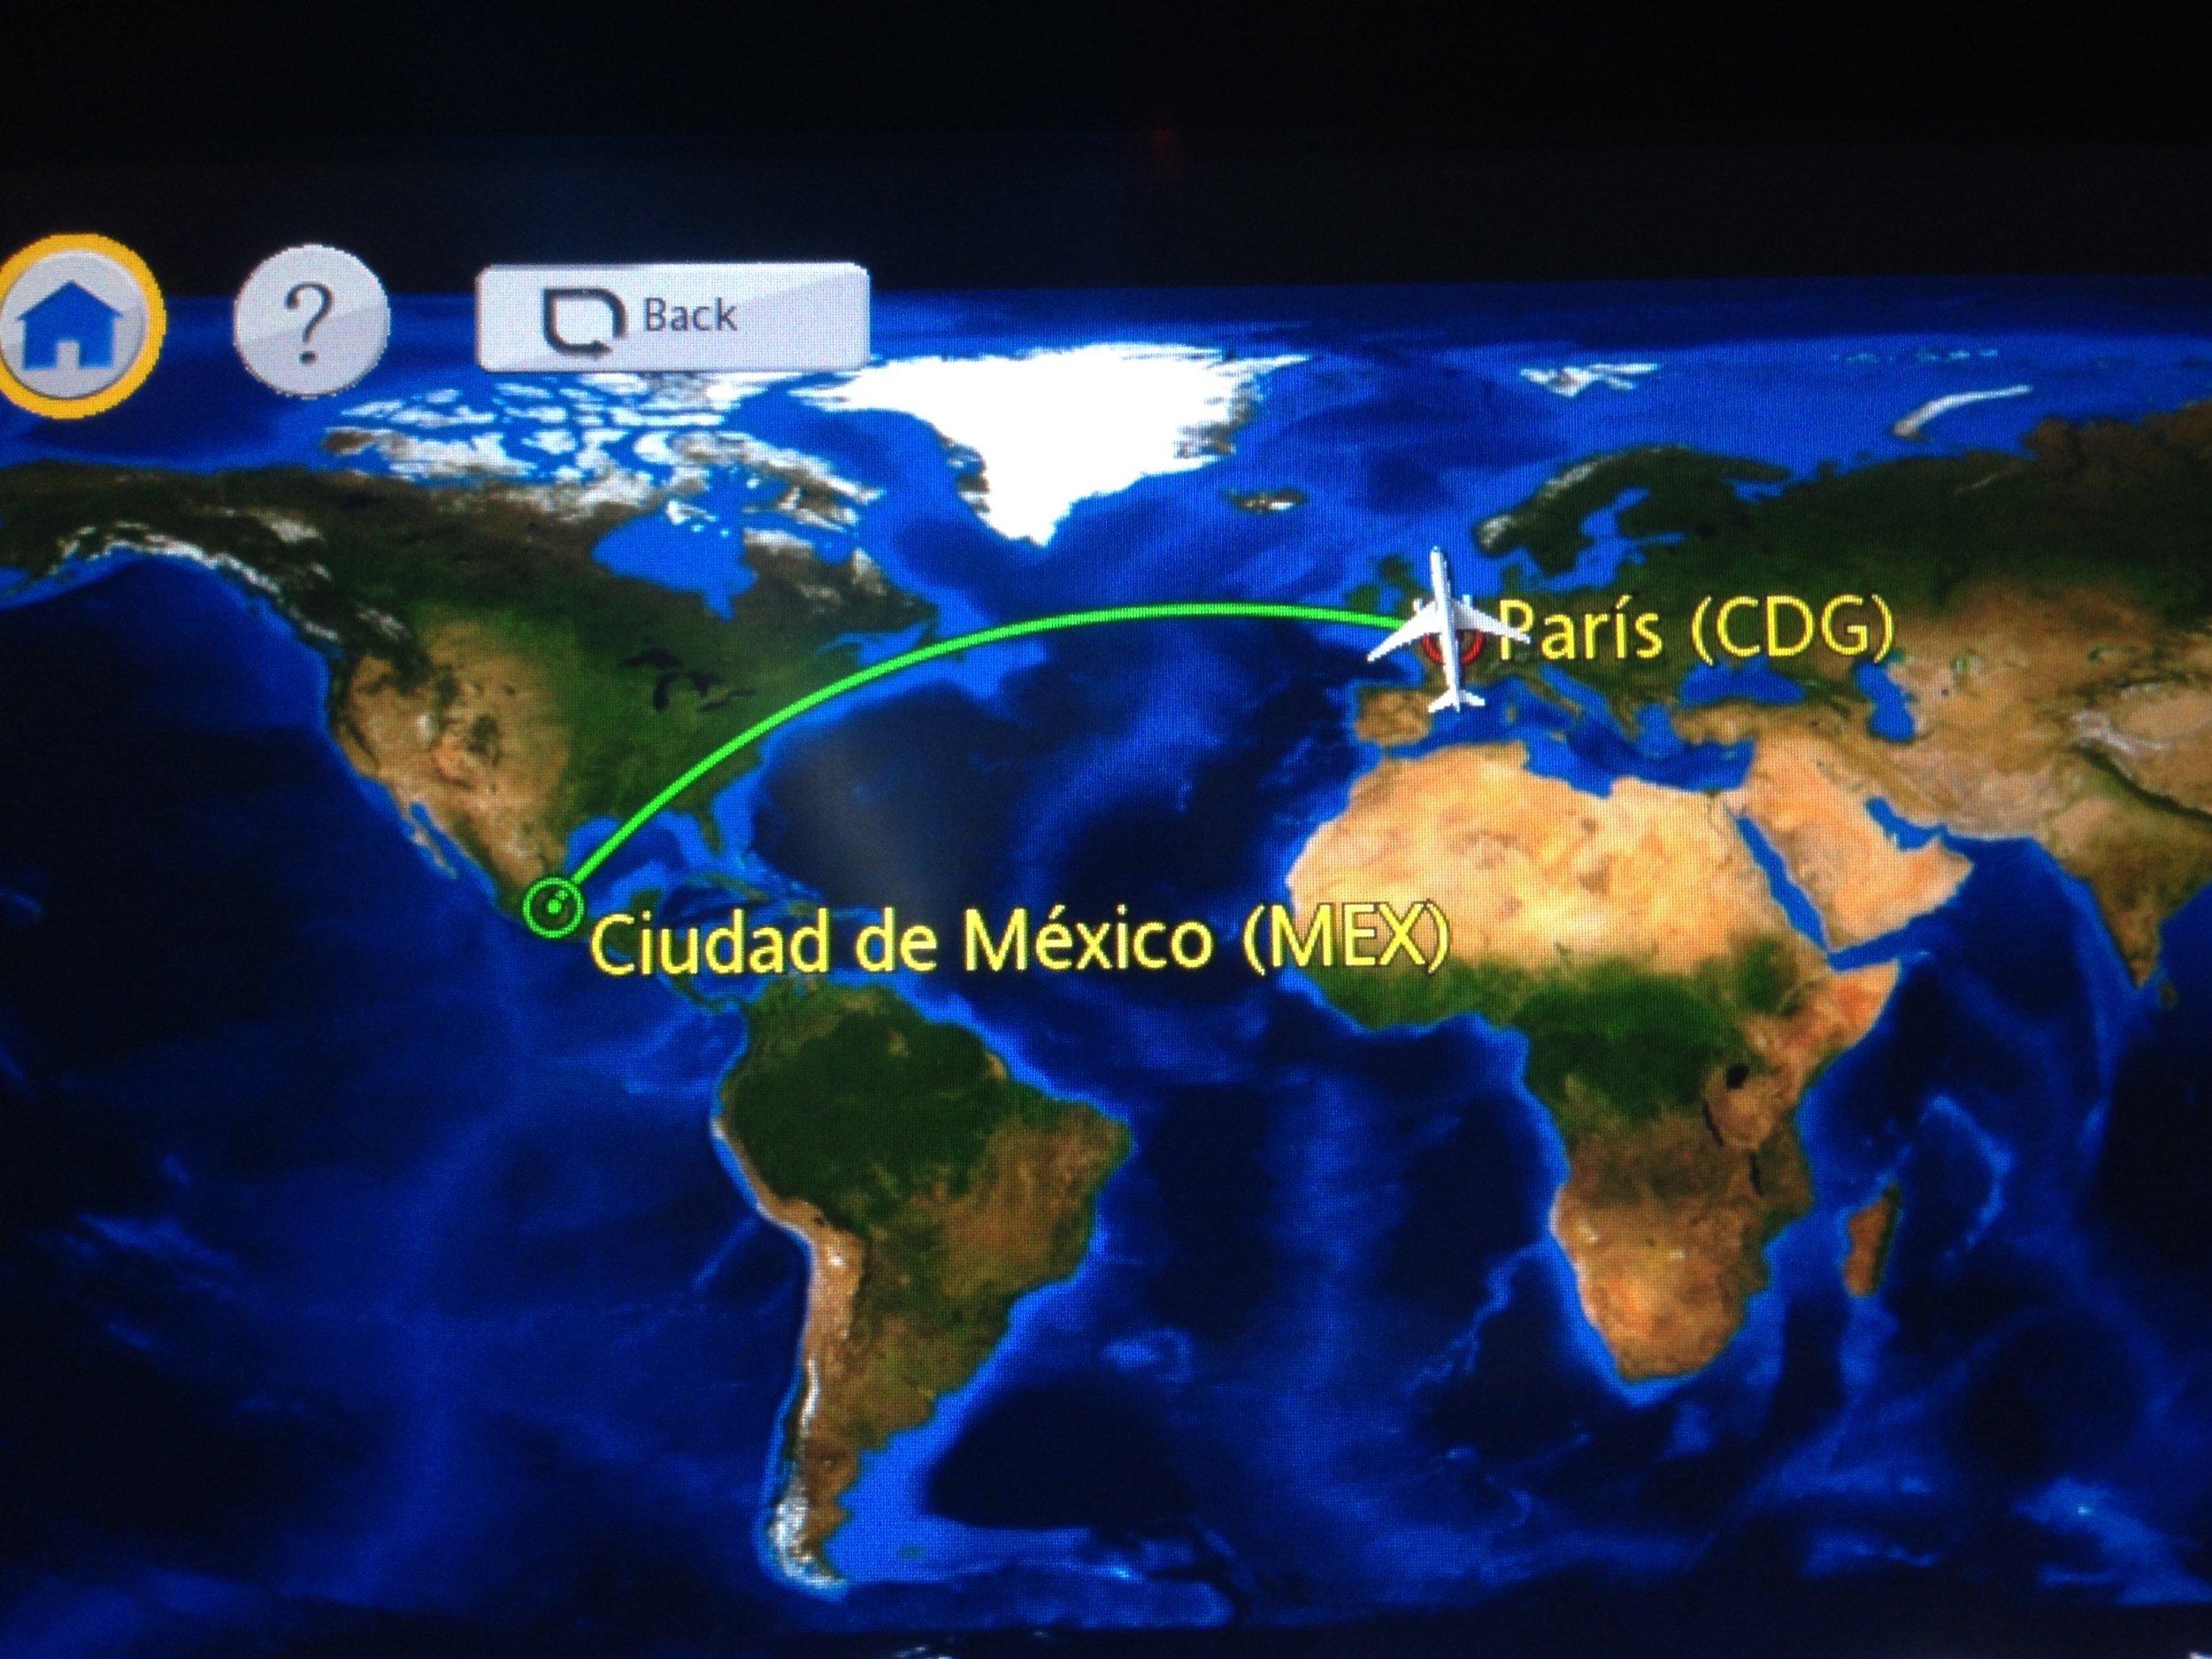 il volo… Bologna-Parigi-Città del Messico-San Pedro Sula - 30 GennaioGiorno #1Arrivo a Città del Mexico alle ore 4.30 locali.Attendiamo all'incirca 6 ore per il volo,di connessione per San Pedro Sula. Alle ore 10,30 ci imbarchiamo sul Volo per San Pedro Sula. Alle ore 11,20 take off ...si vola!Ore 13,30 atterriamo finalmente in Honduras, piove ed il cielo è grigio.Lo Staff per il trasferimento è lì ad attenderci. Il pick Up per l'albergo ė pronto. Nel trasferimento verso l'hotel Copan vedo una Città Povera abbandonata a se stessa strade semi distrutte diverse persone in evidente stato di degrado, non molto felici...